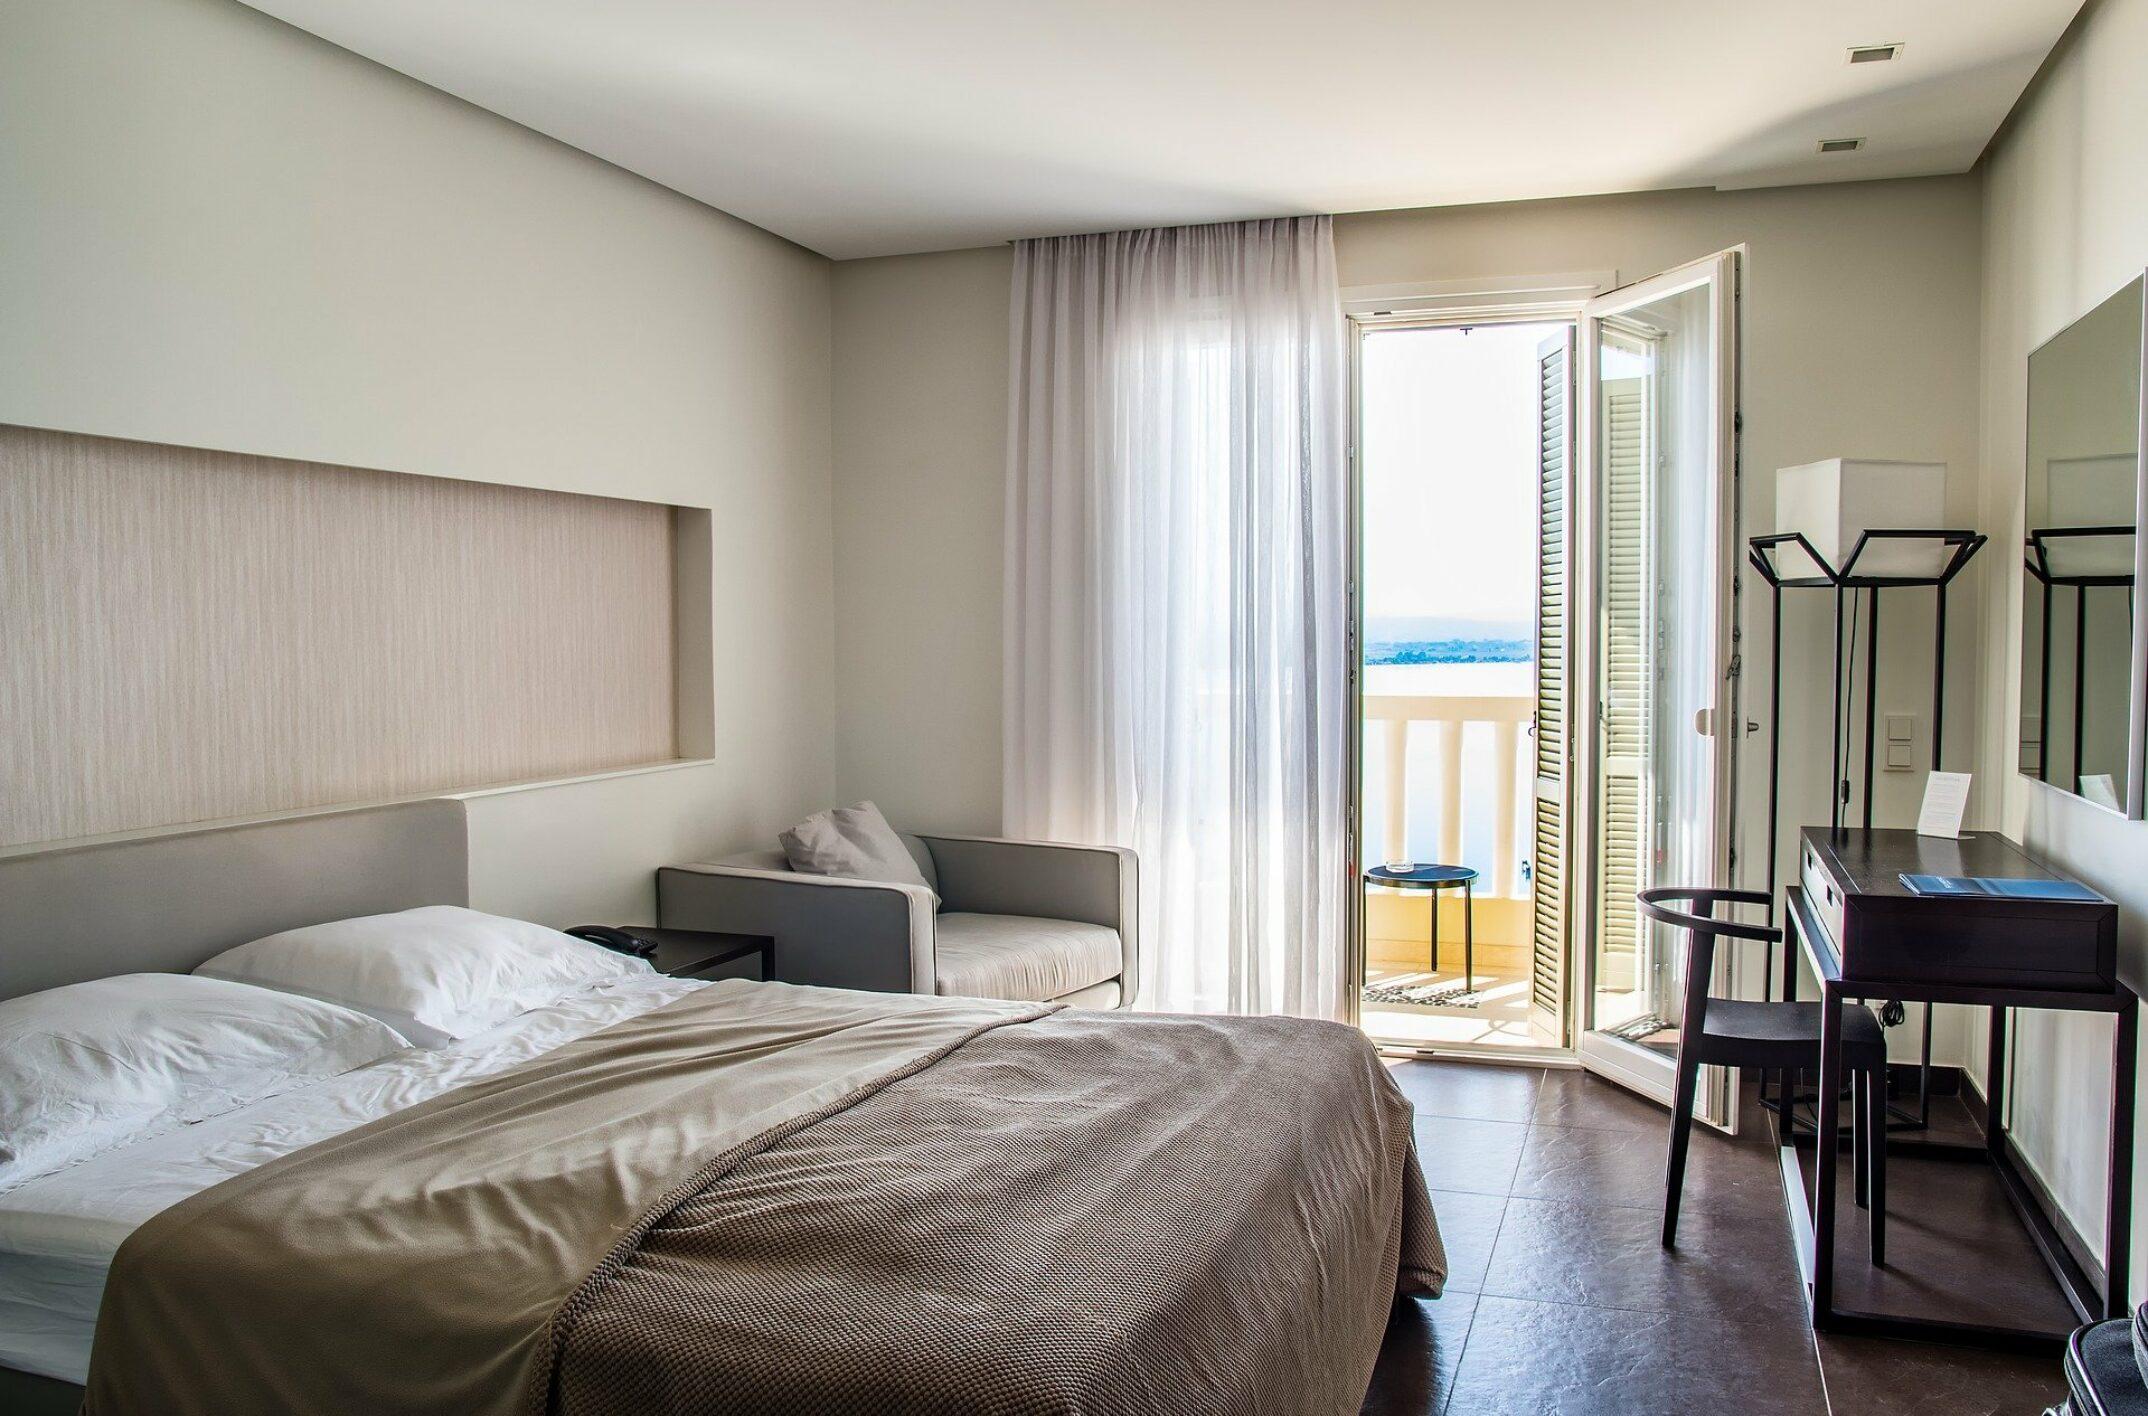 4 conseils pour bien choisir son hôtel pour son séjour